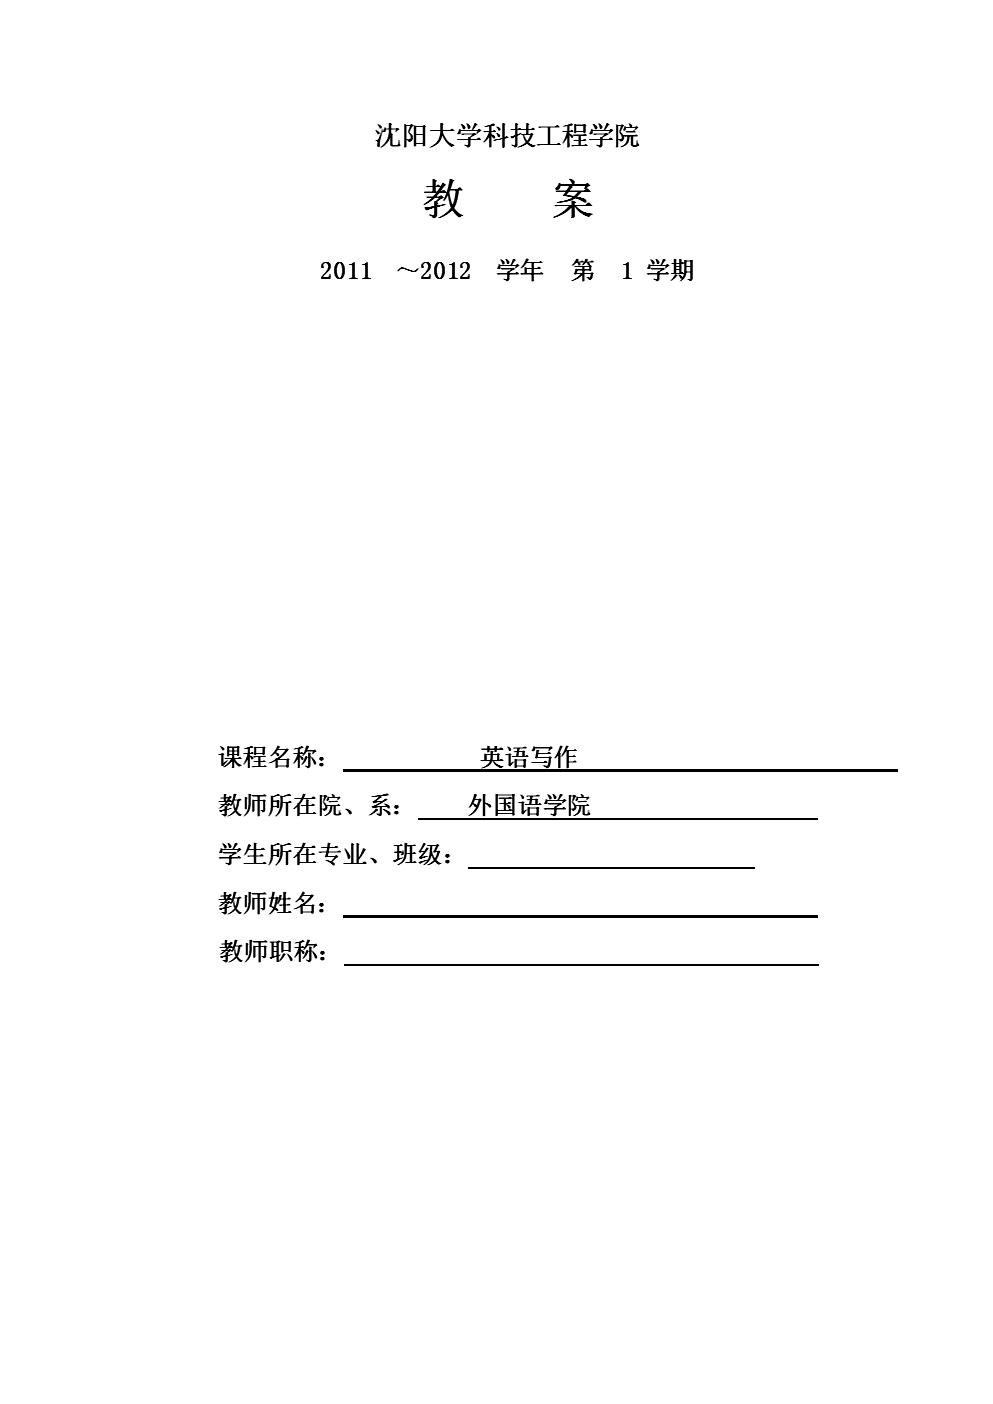 英语写作教案.doc